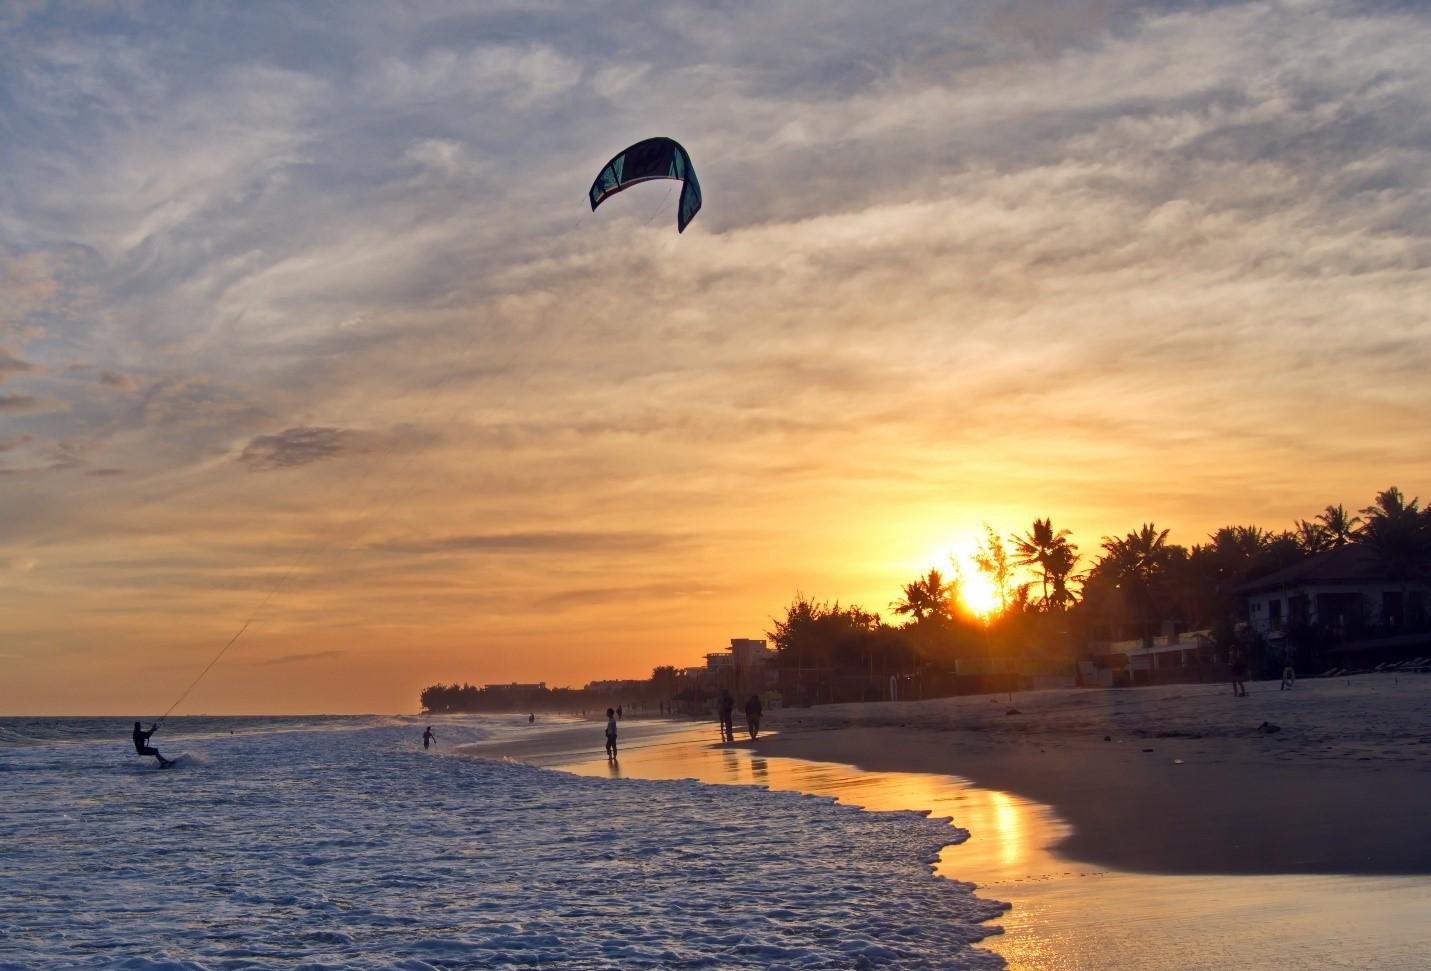 Du lịch Bình Thuận đón thời cơ phát triển